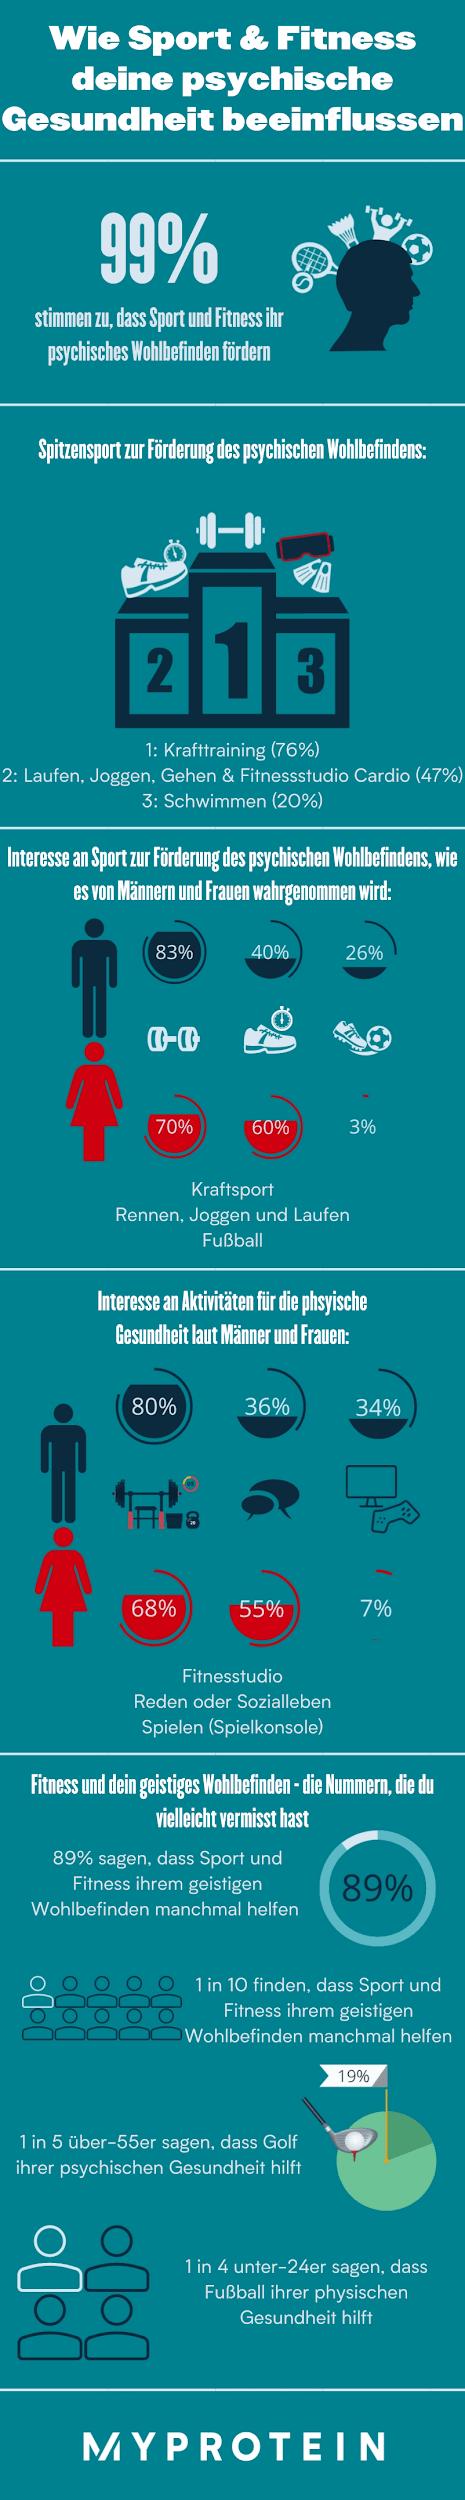 Die Ergebnisse sind da: Verbessert Sport das mentale Wohlbefinden?